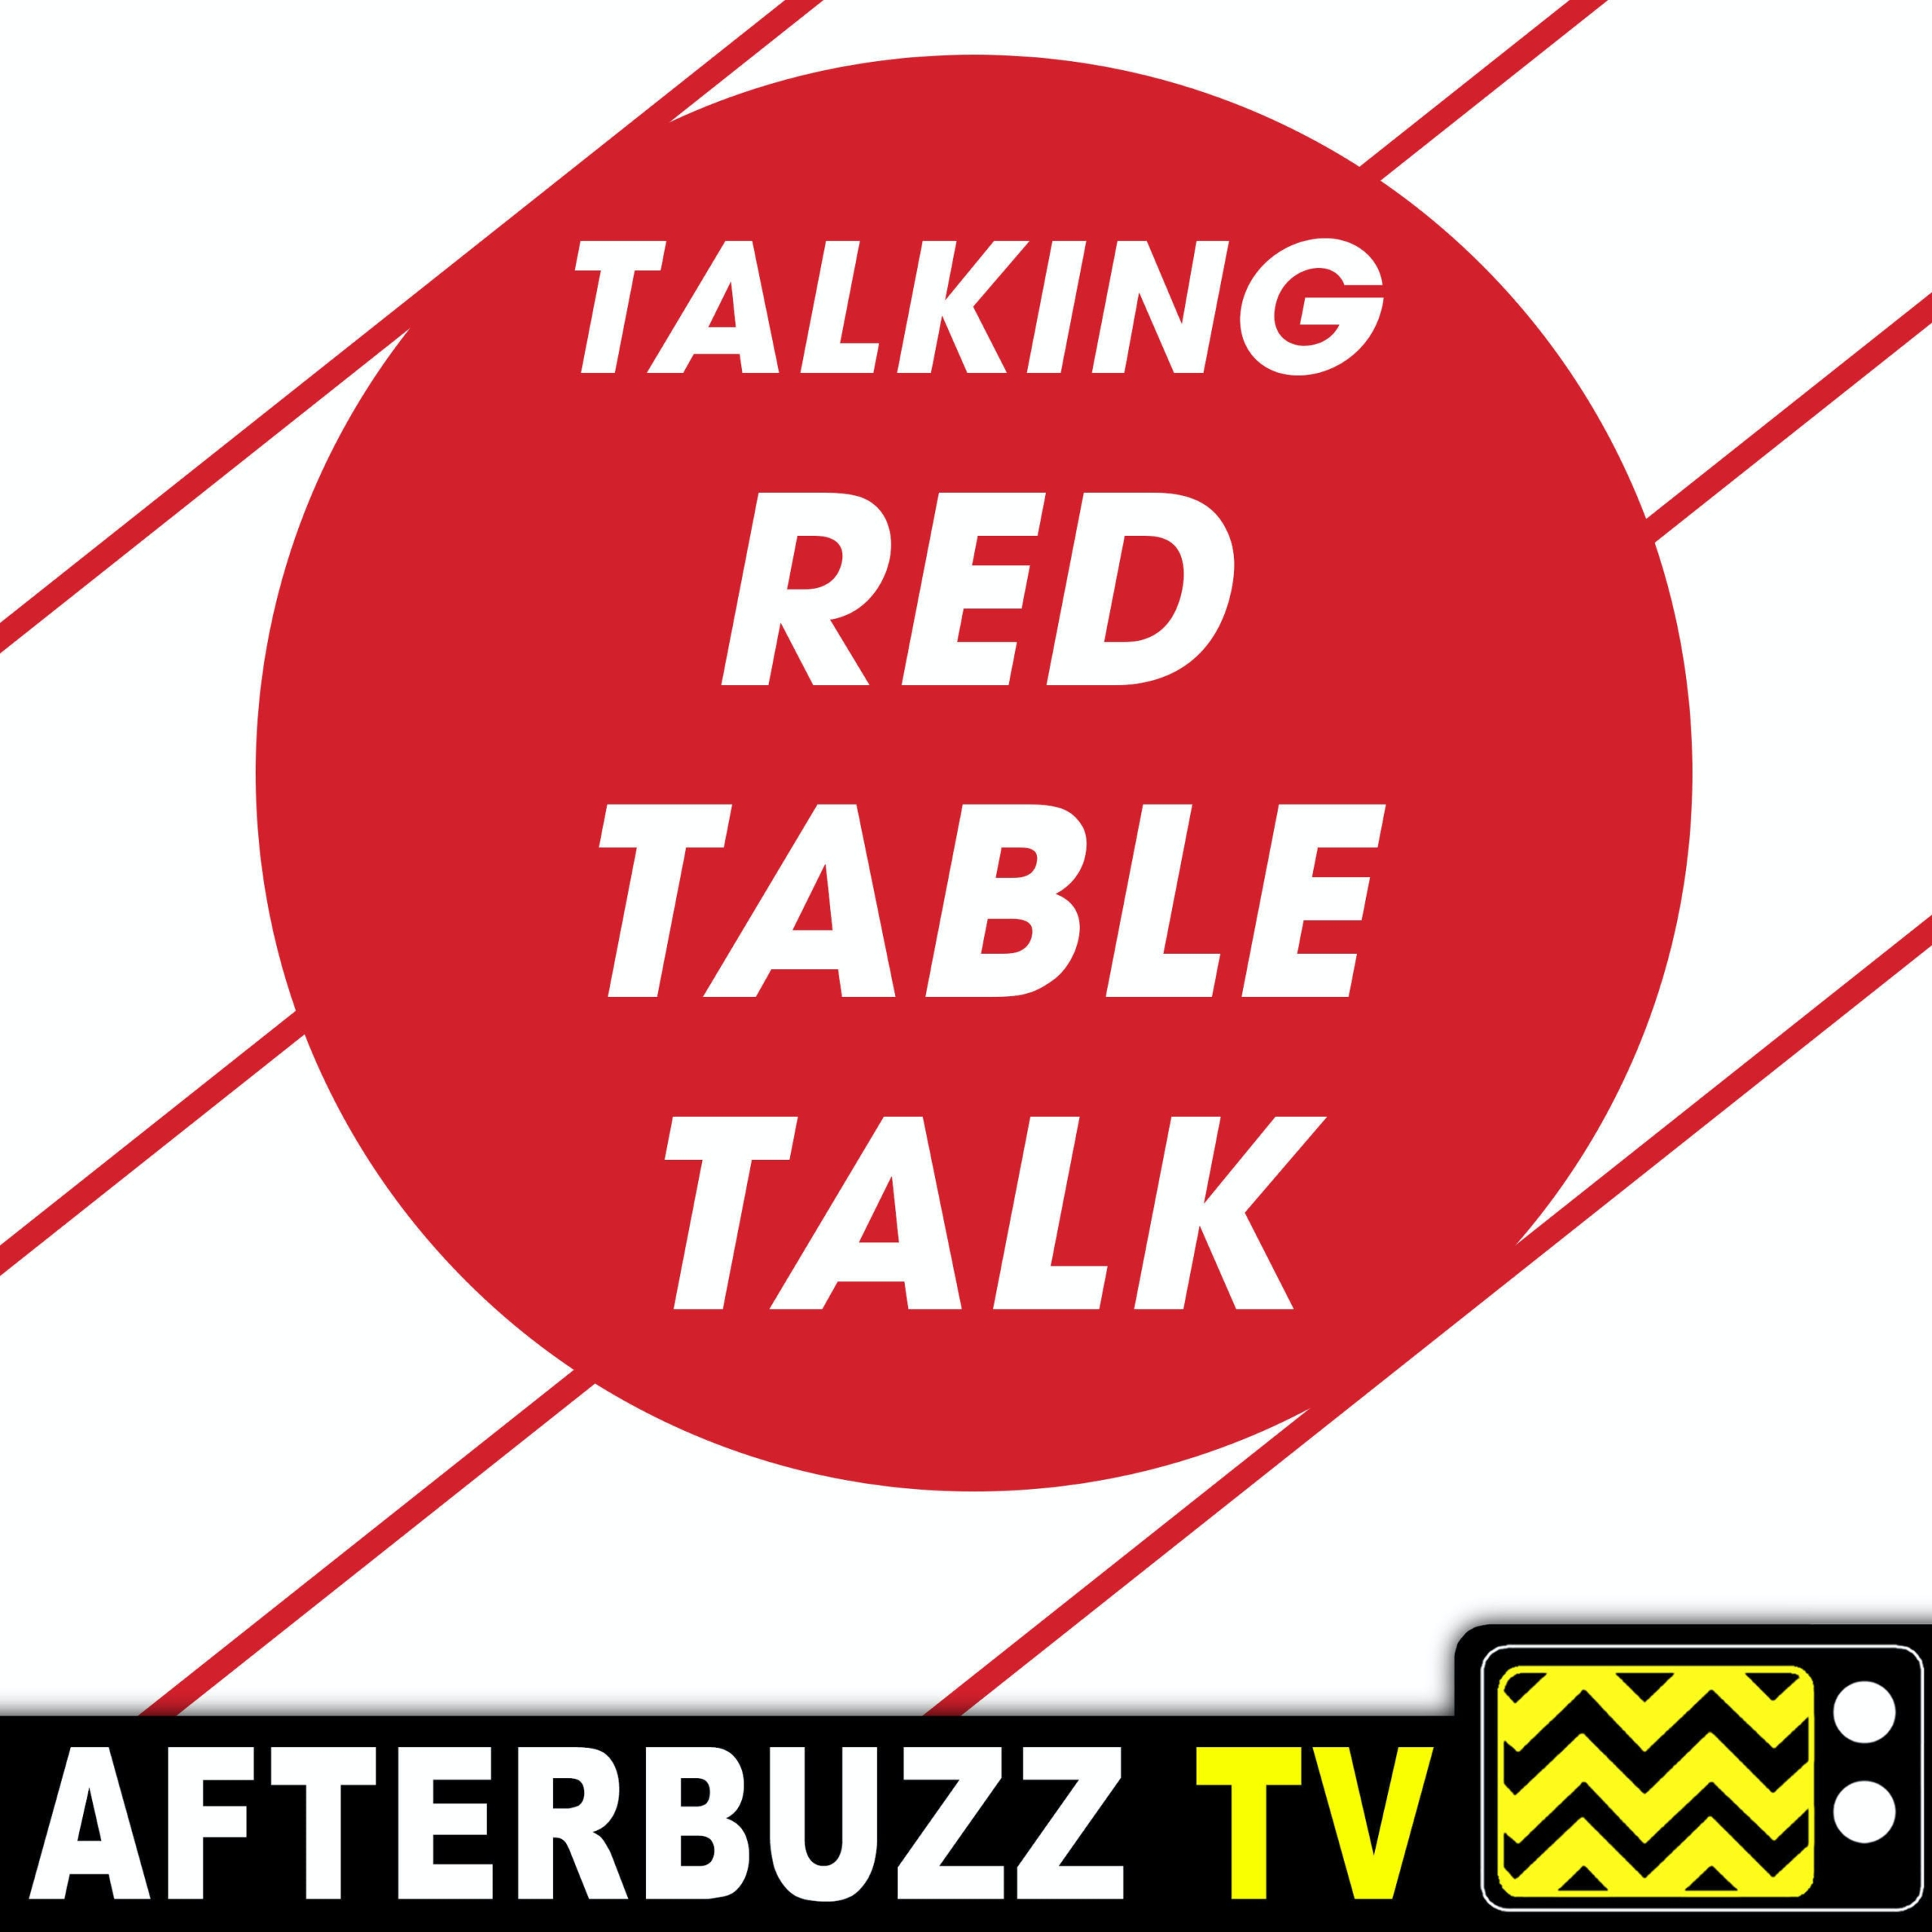 Talking Red Table Talk